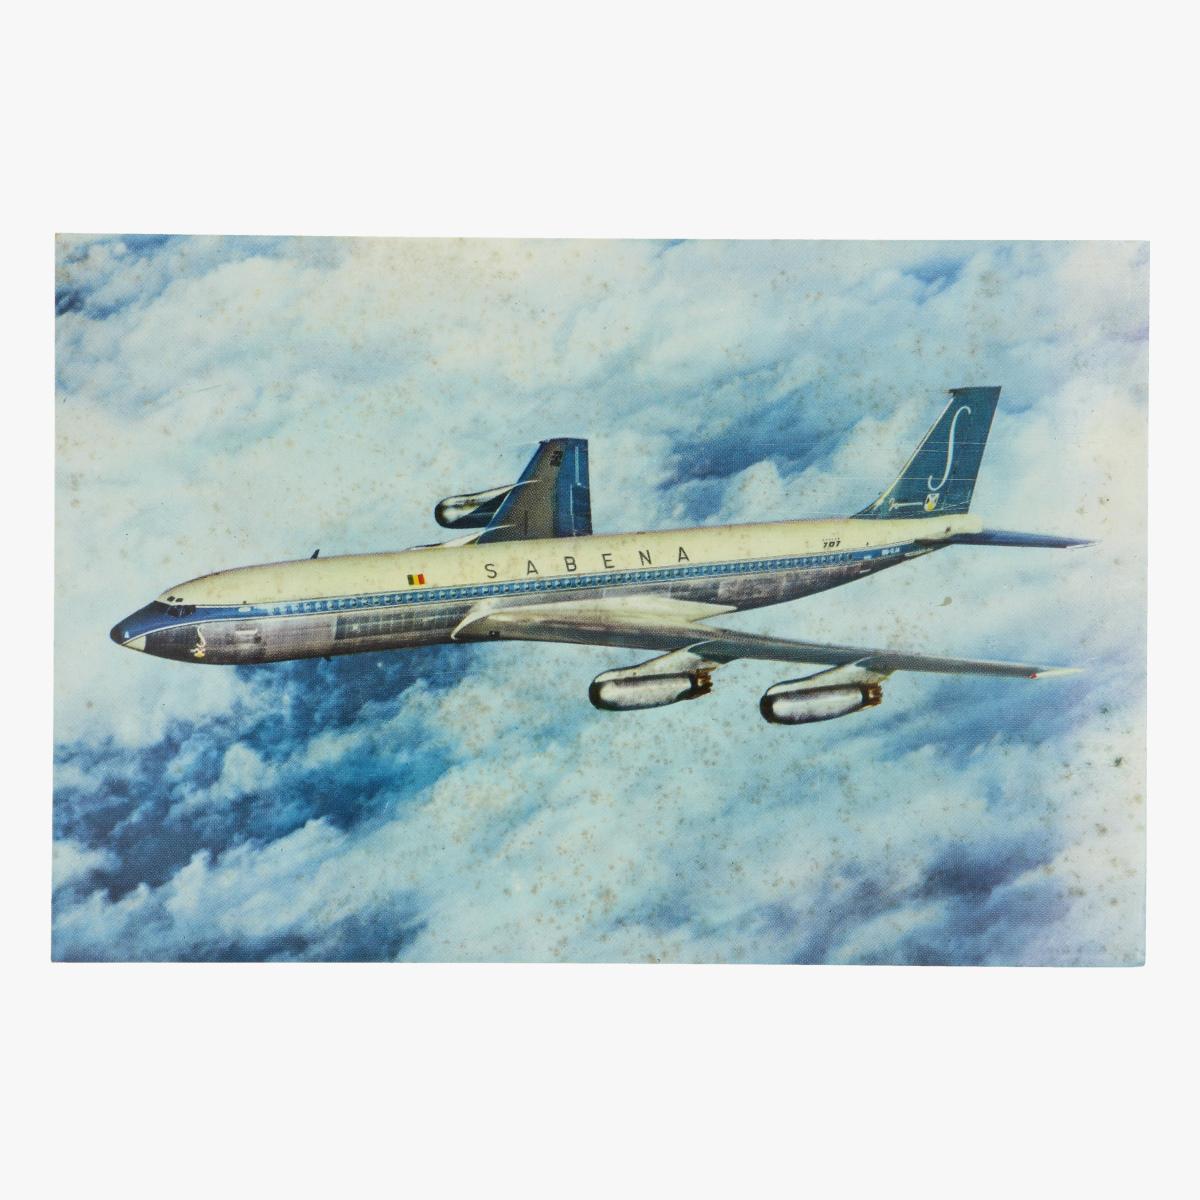 Afbeeldingen van postkaart sabena - belgian world airlines - boeing - printed in belgium